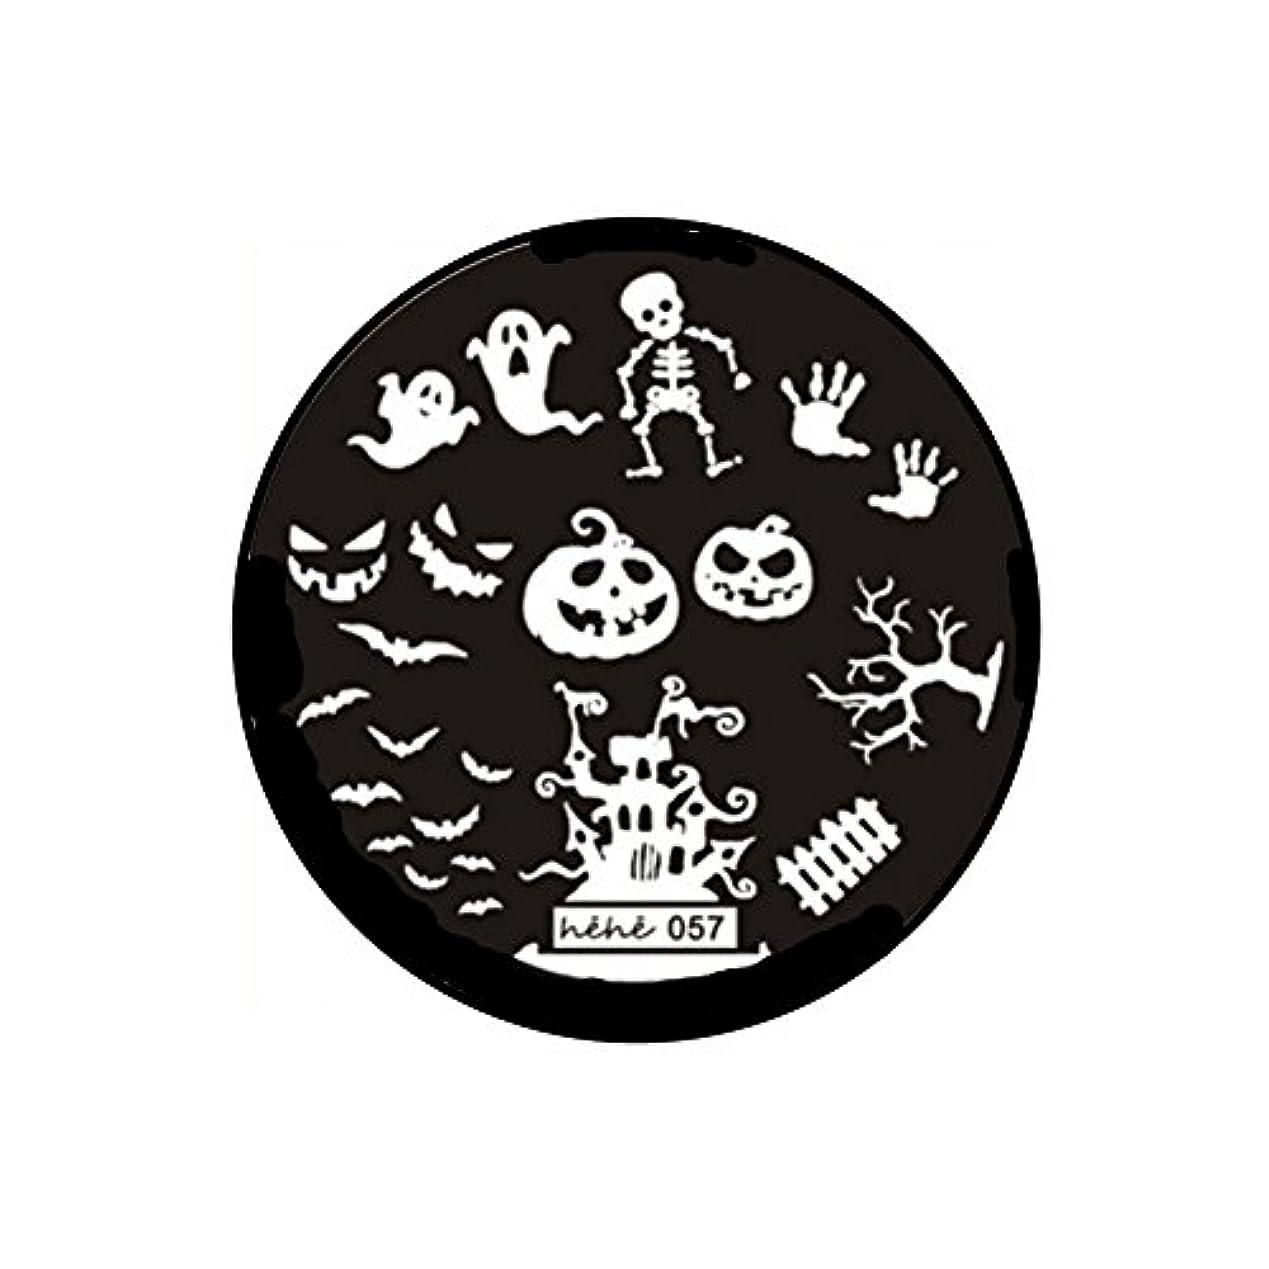 取り出す夕暮れ予定1枚 スタンピングプレート 【 ハロウィンテーマ ネイル ジェルネイル ネイルアート ネイルスタンプ ネイル スタンプ 】heheイメージプレート